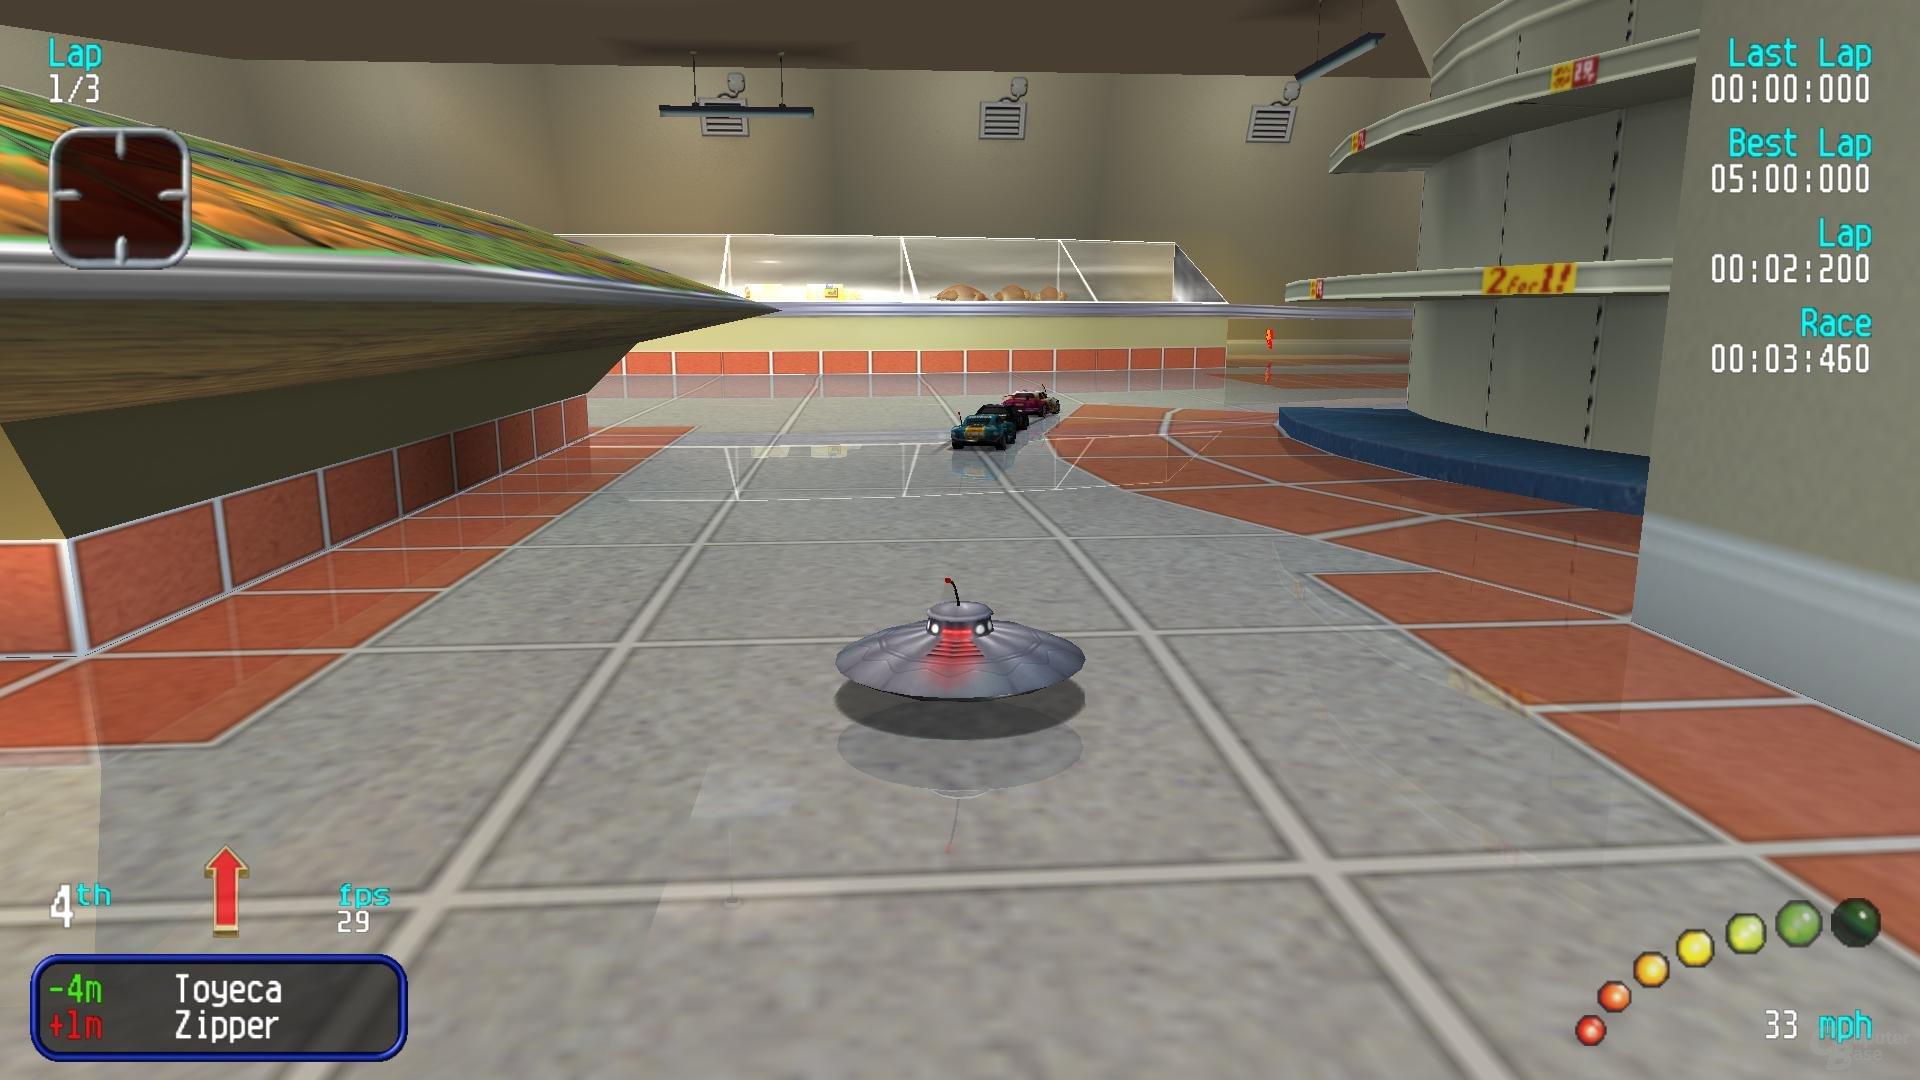 Das agile Ufo ist eines der geheimen Fahrzeuge